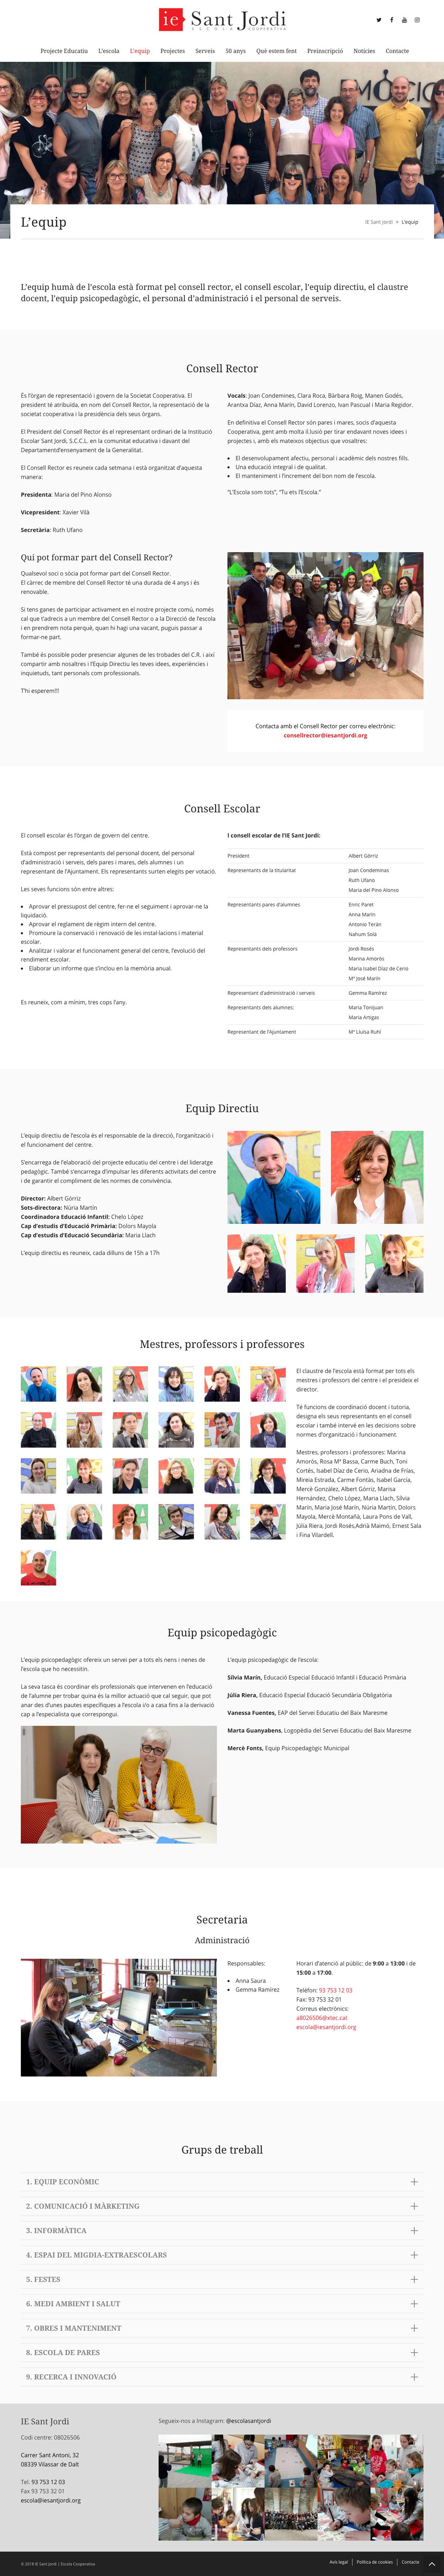 IE Sant Jordi ★ Escola cooperativa Vilassar de Dalt ★ Website